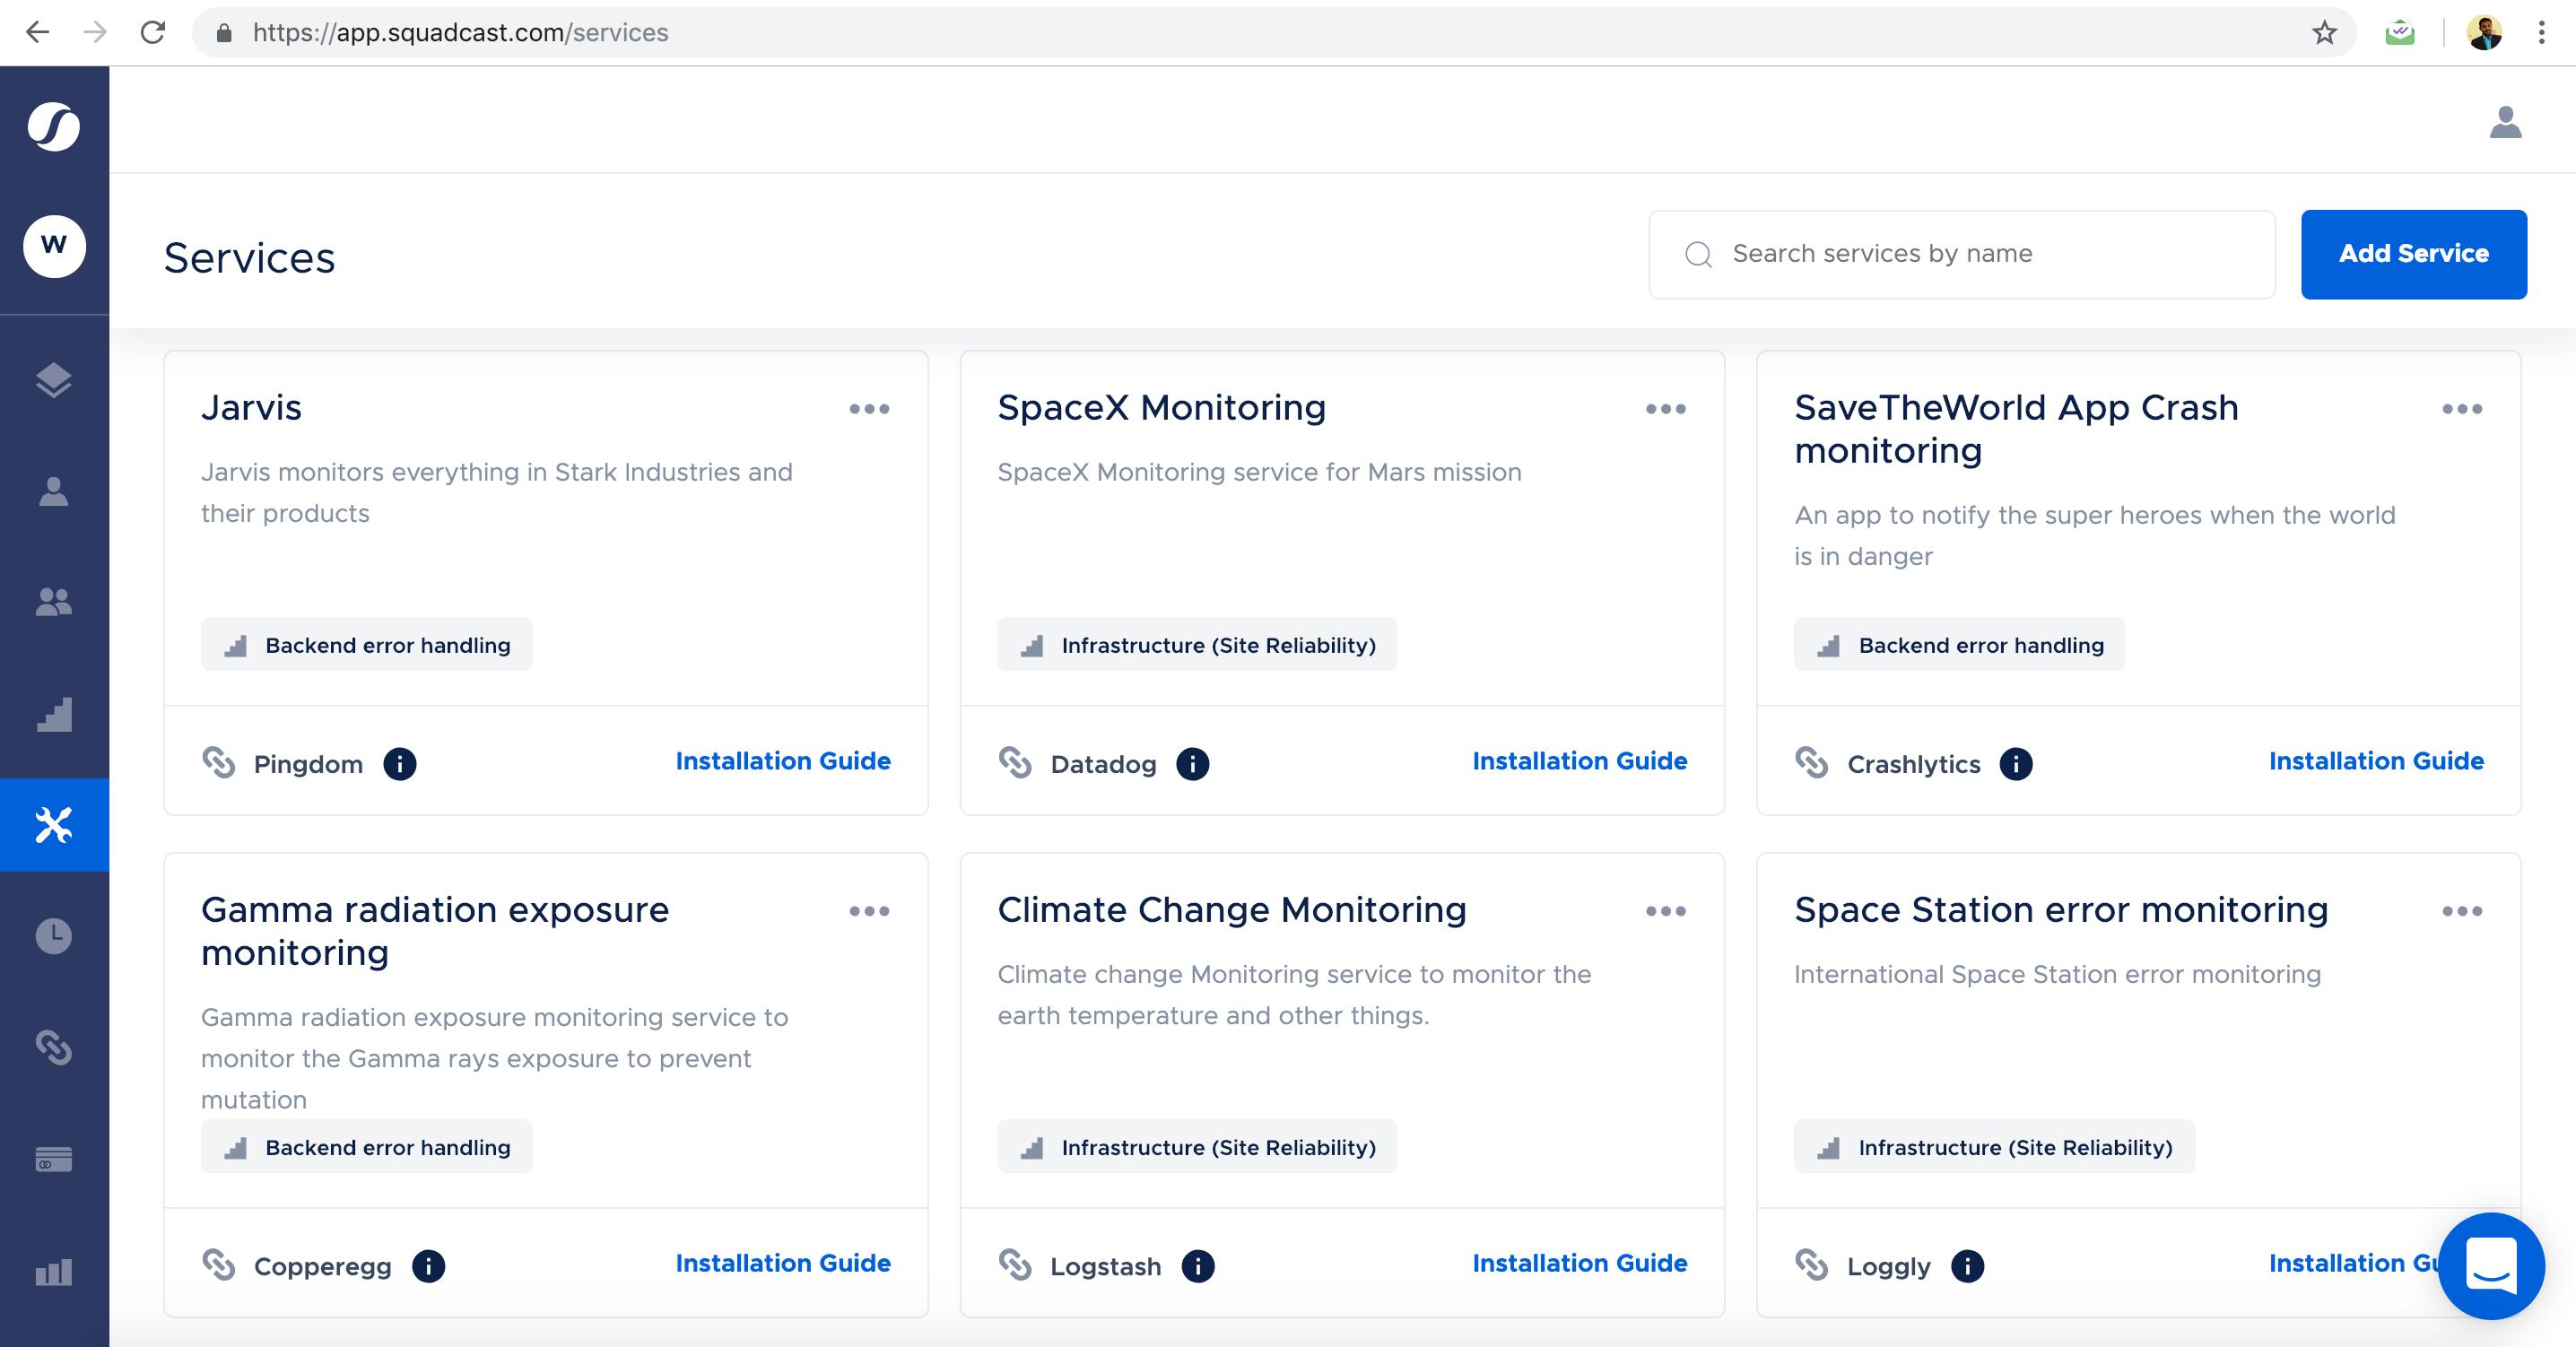 Squadcast Demo - Services page